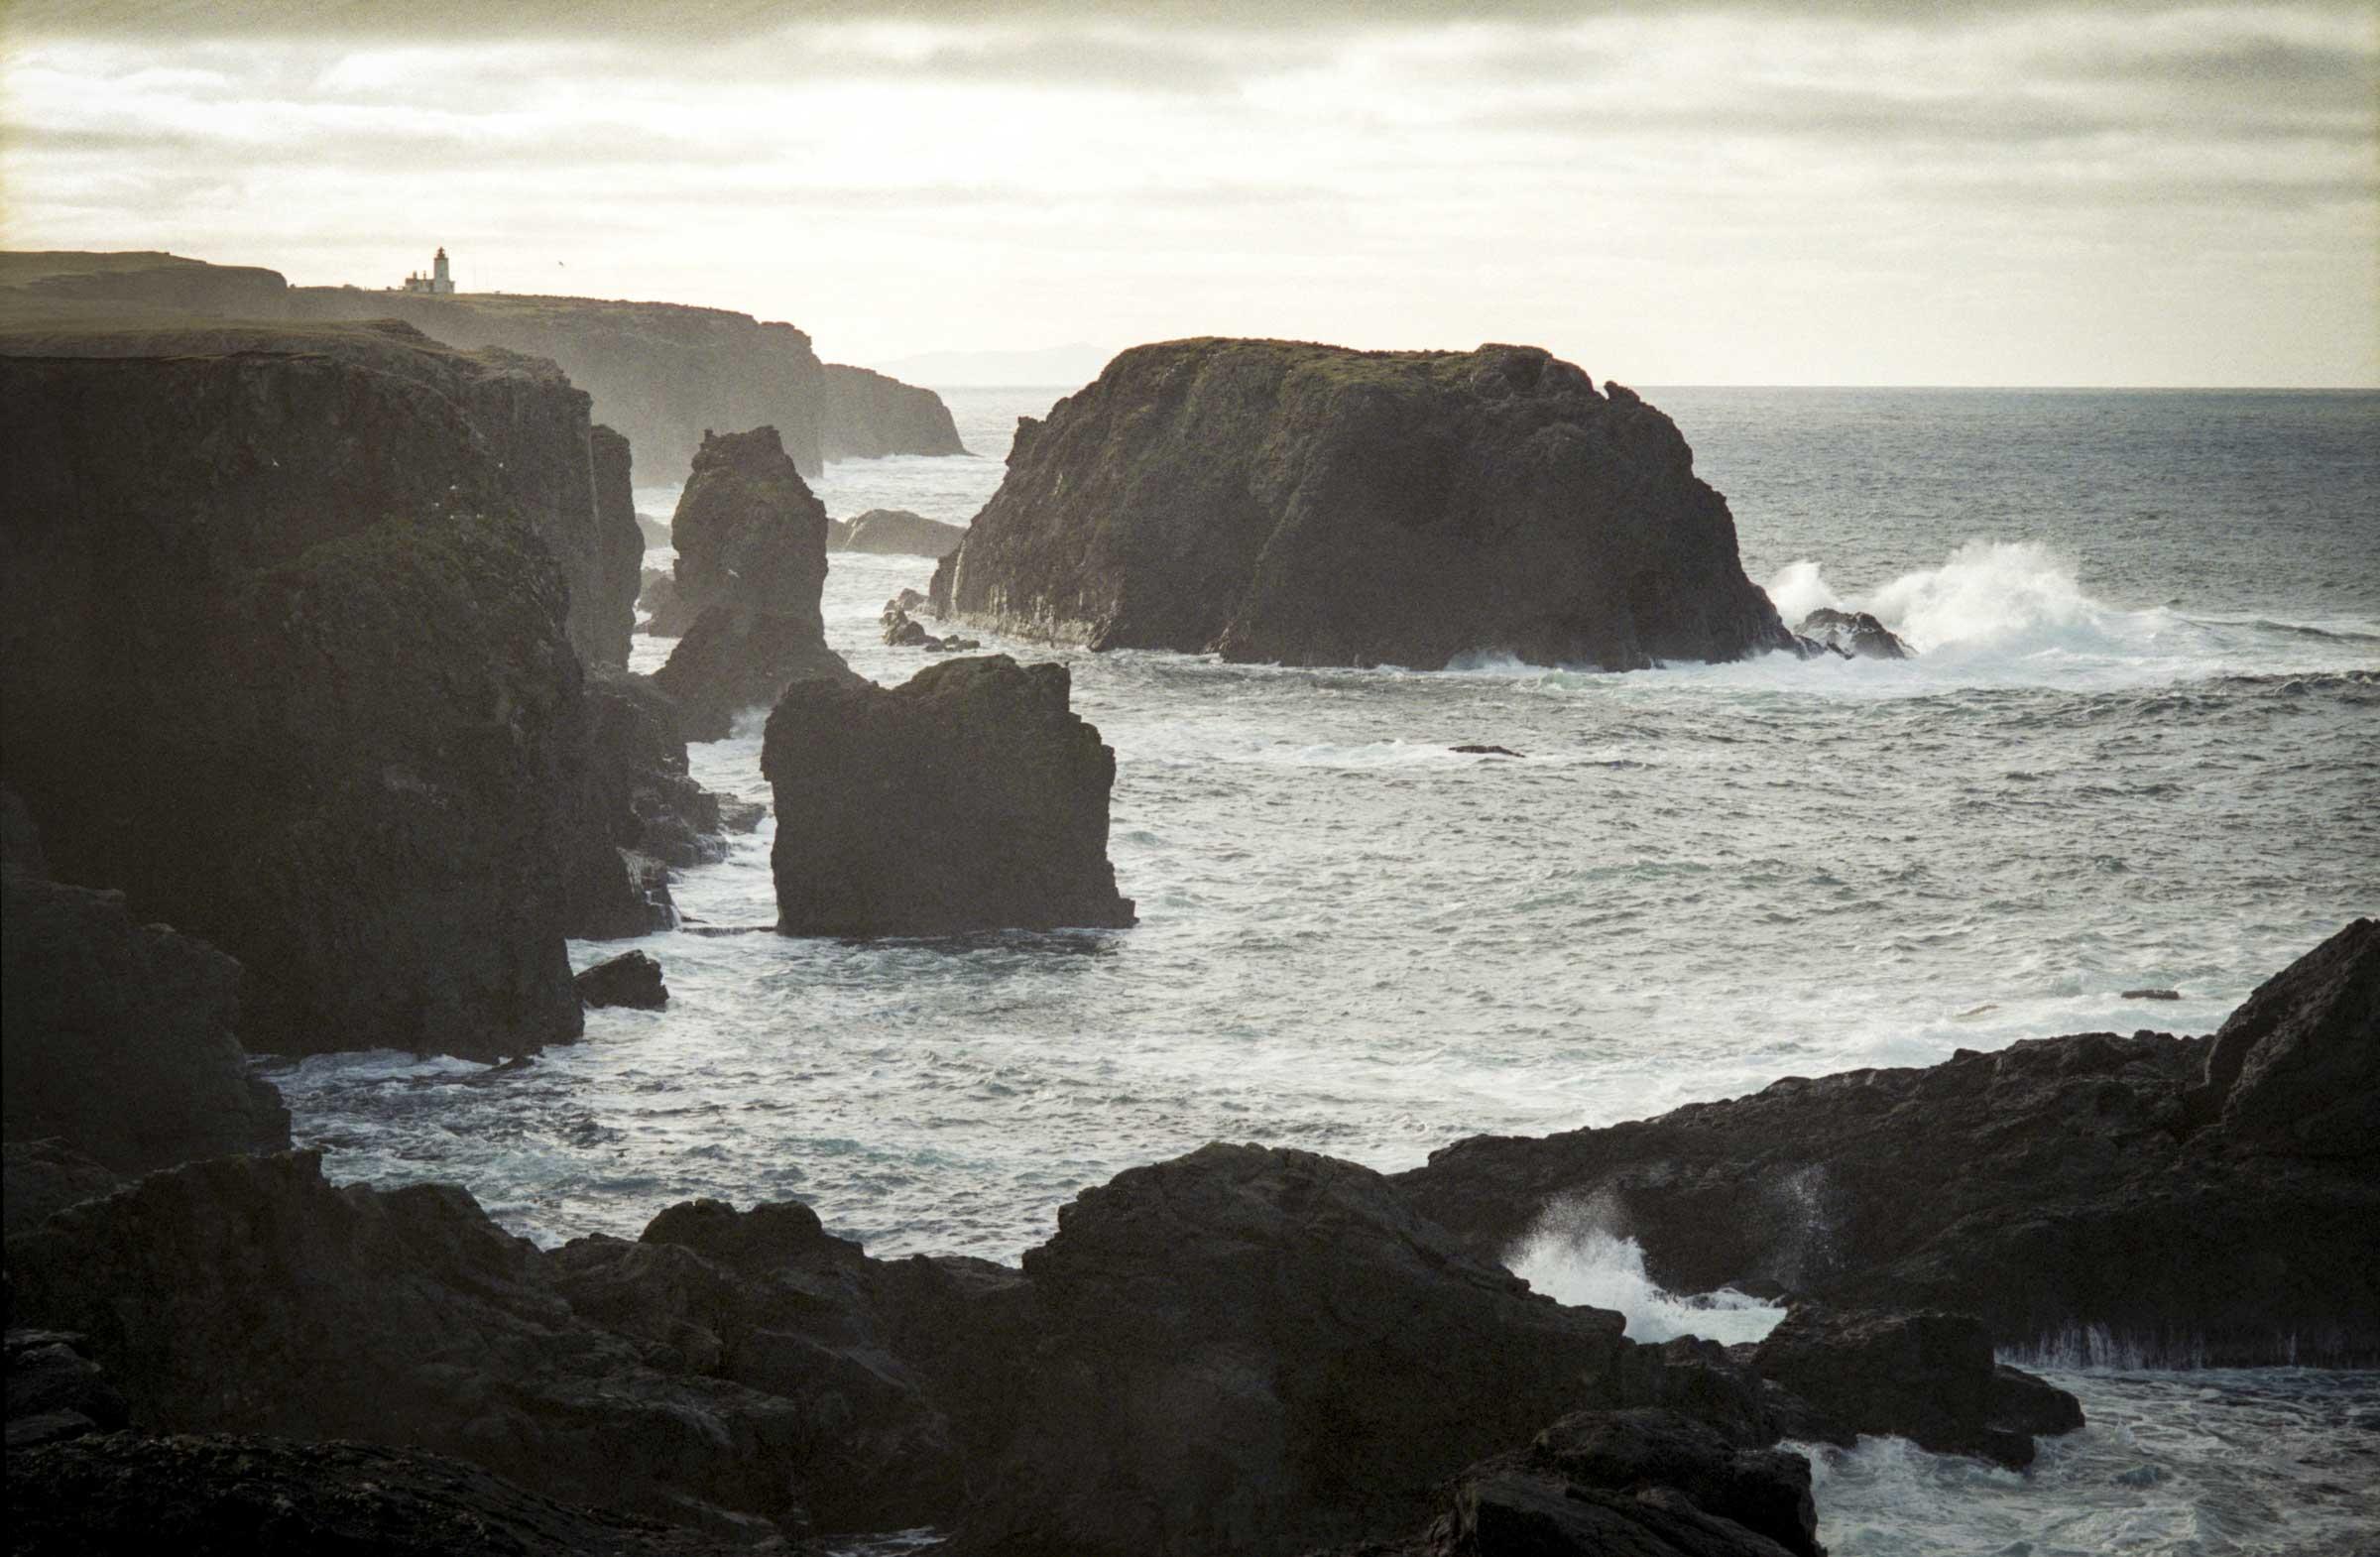 スコットランド最北の地『シェトランド諸島』で綴る光と生命への賛歌、<br />加藤秀「Shetland in the Light」展